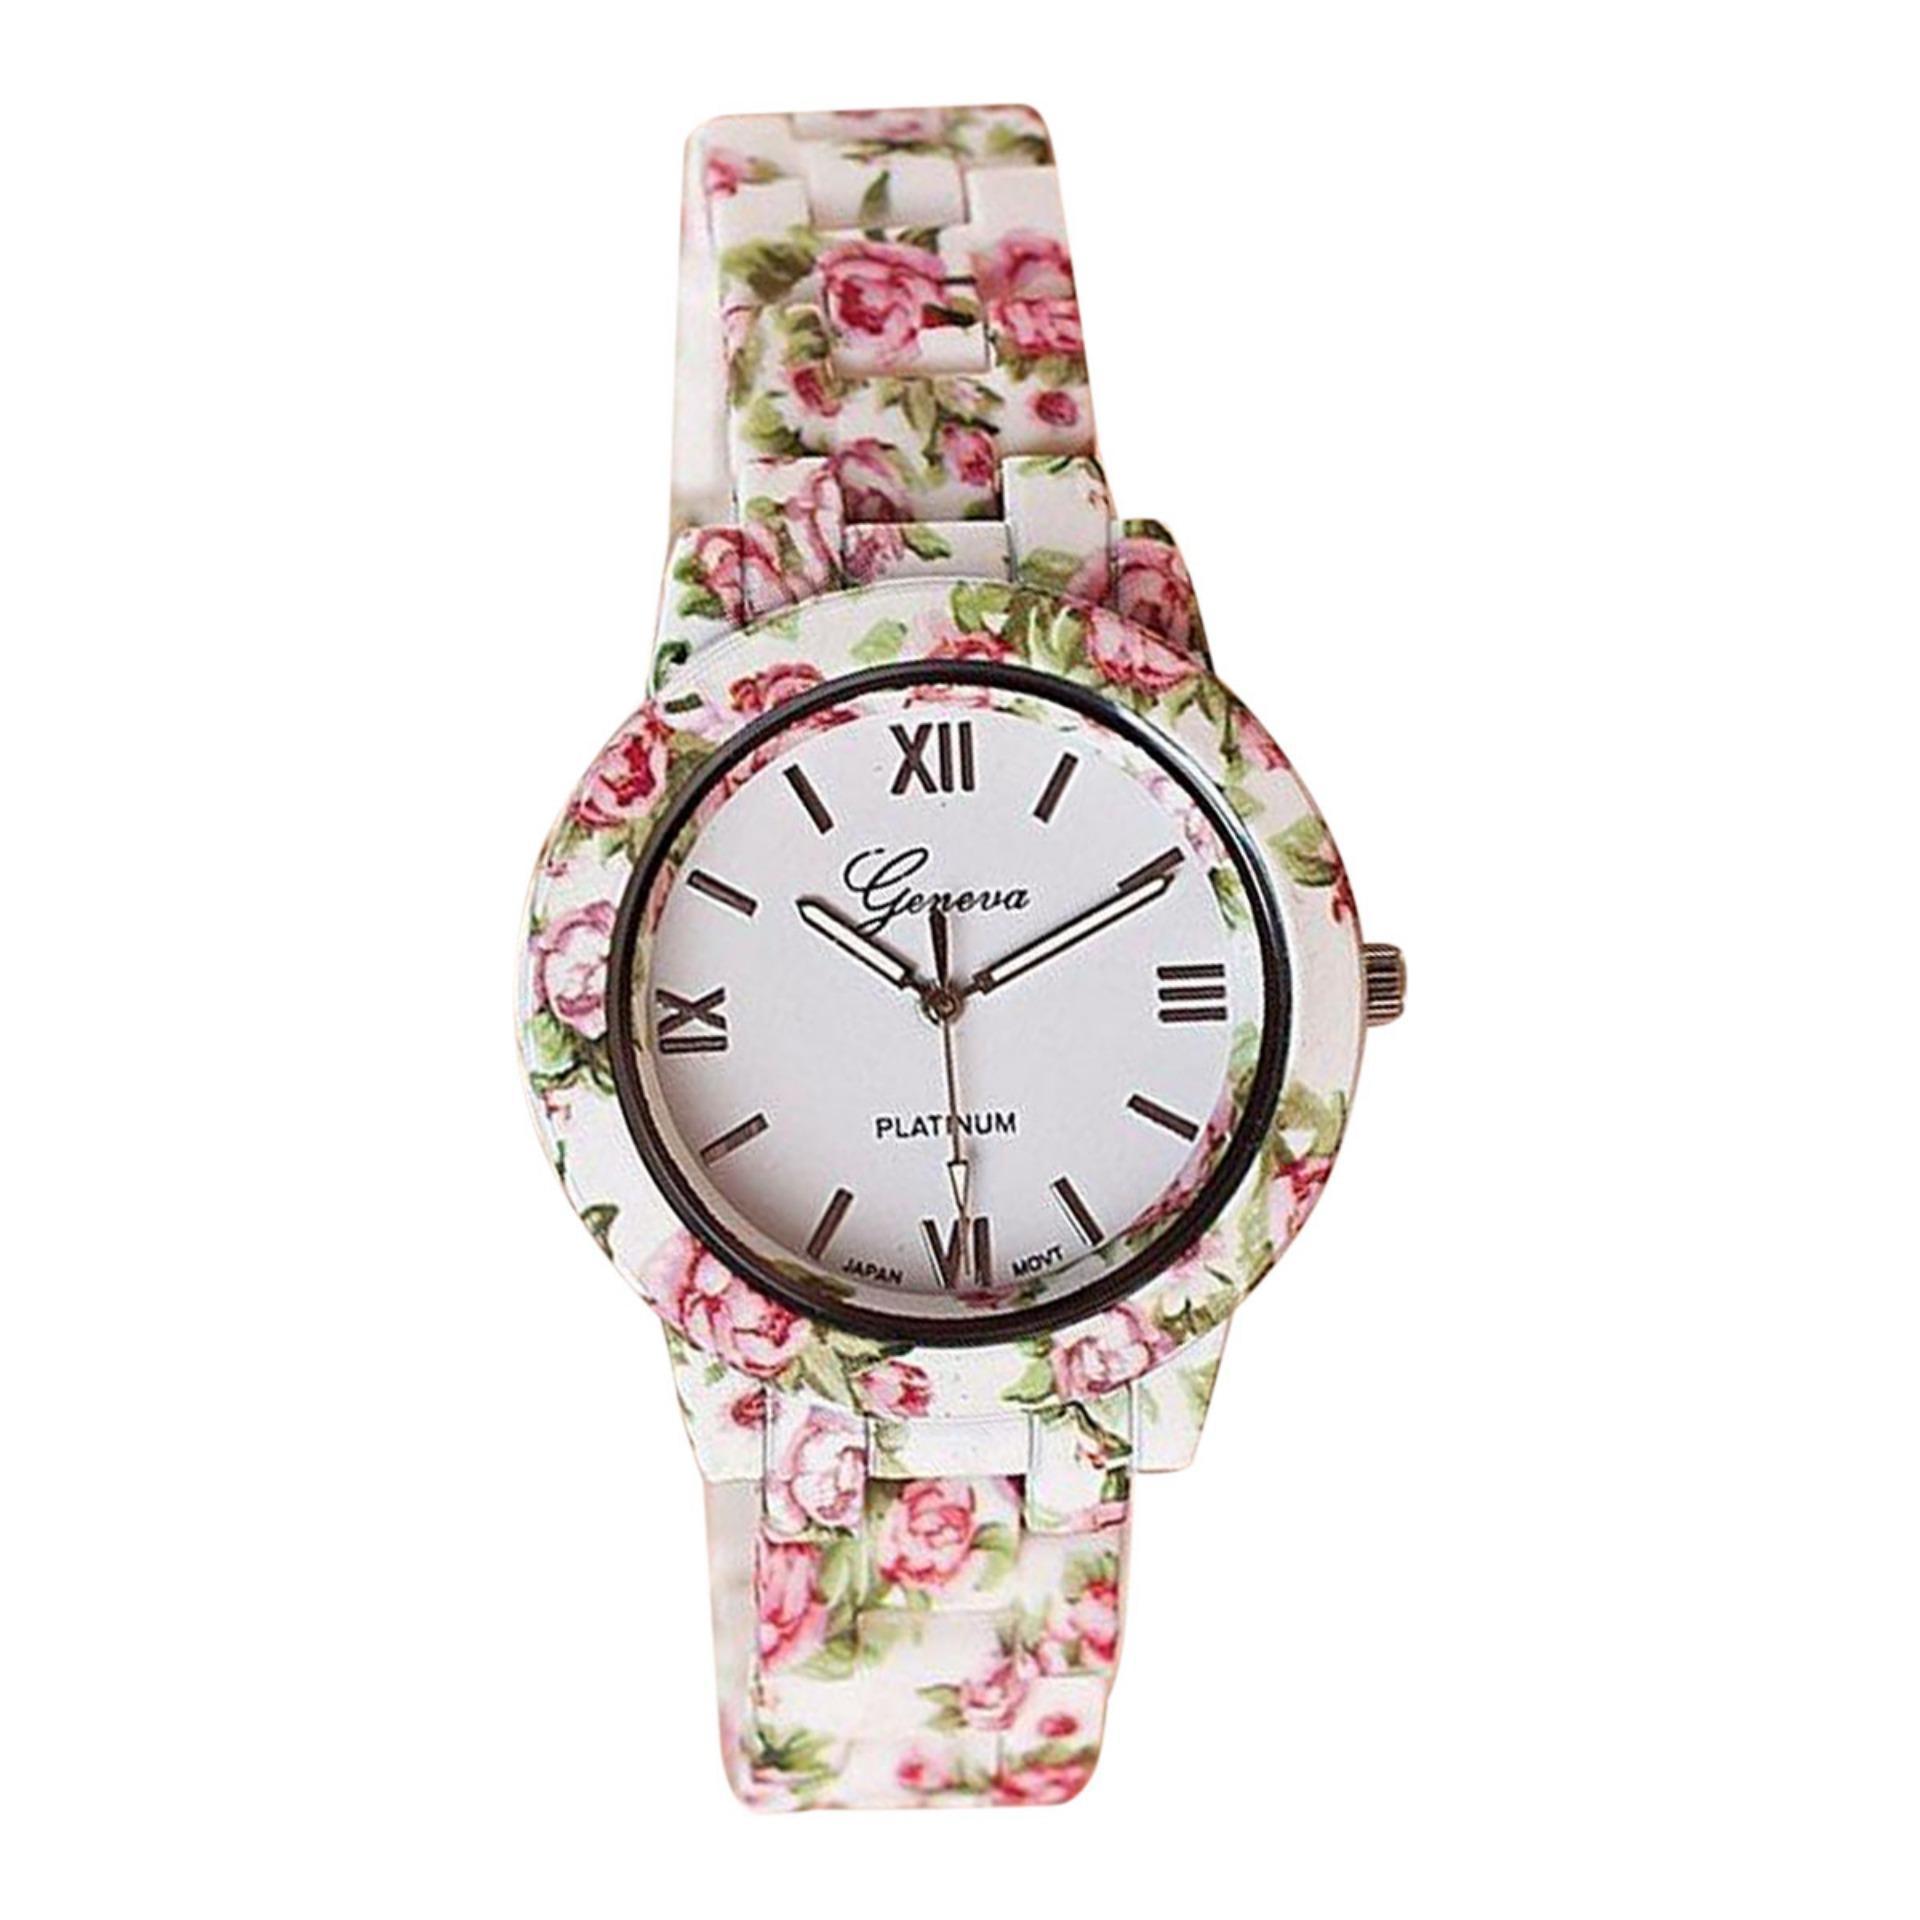 5c0e9ded18 Ladies Watch In Bangladesh - Buy Women's Watch Online - Daraz.com.bd